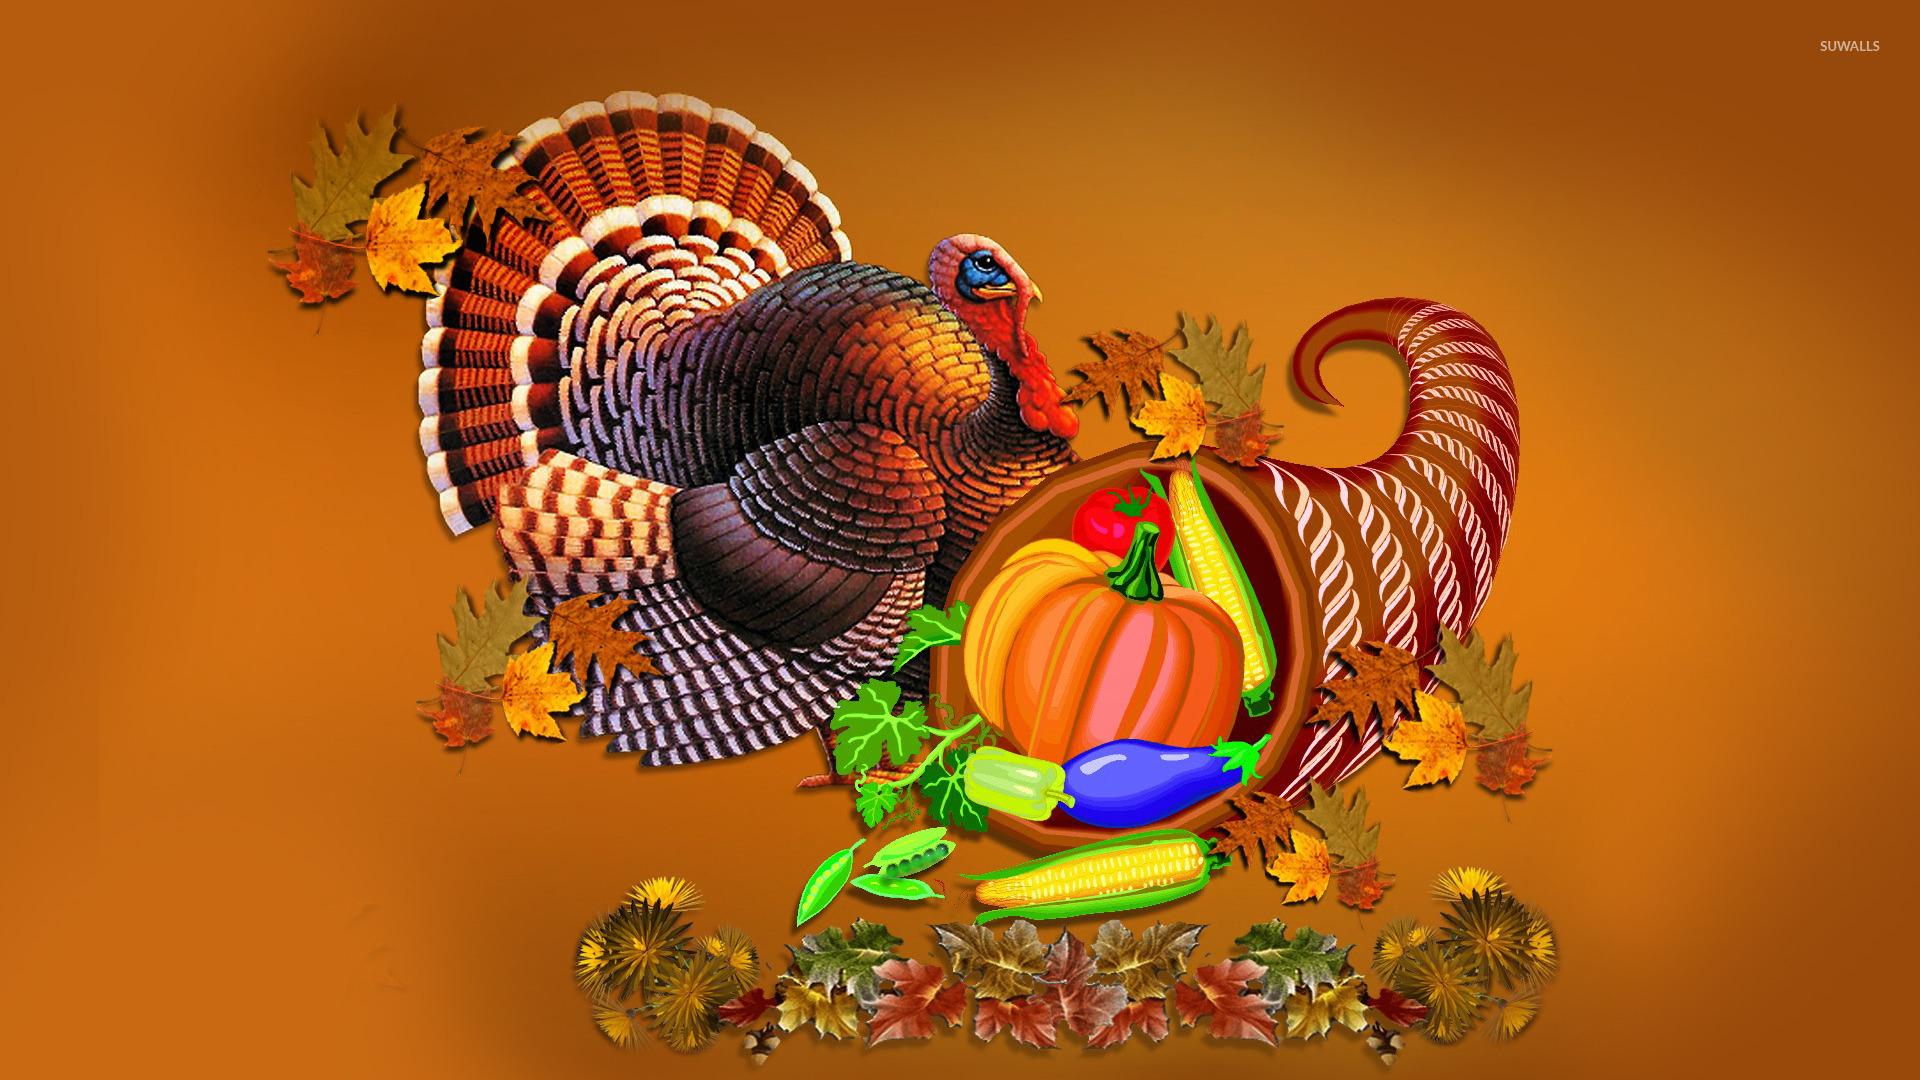 turkey wallpaper 1920x1080 - photo #6